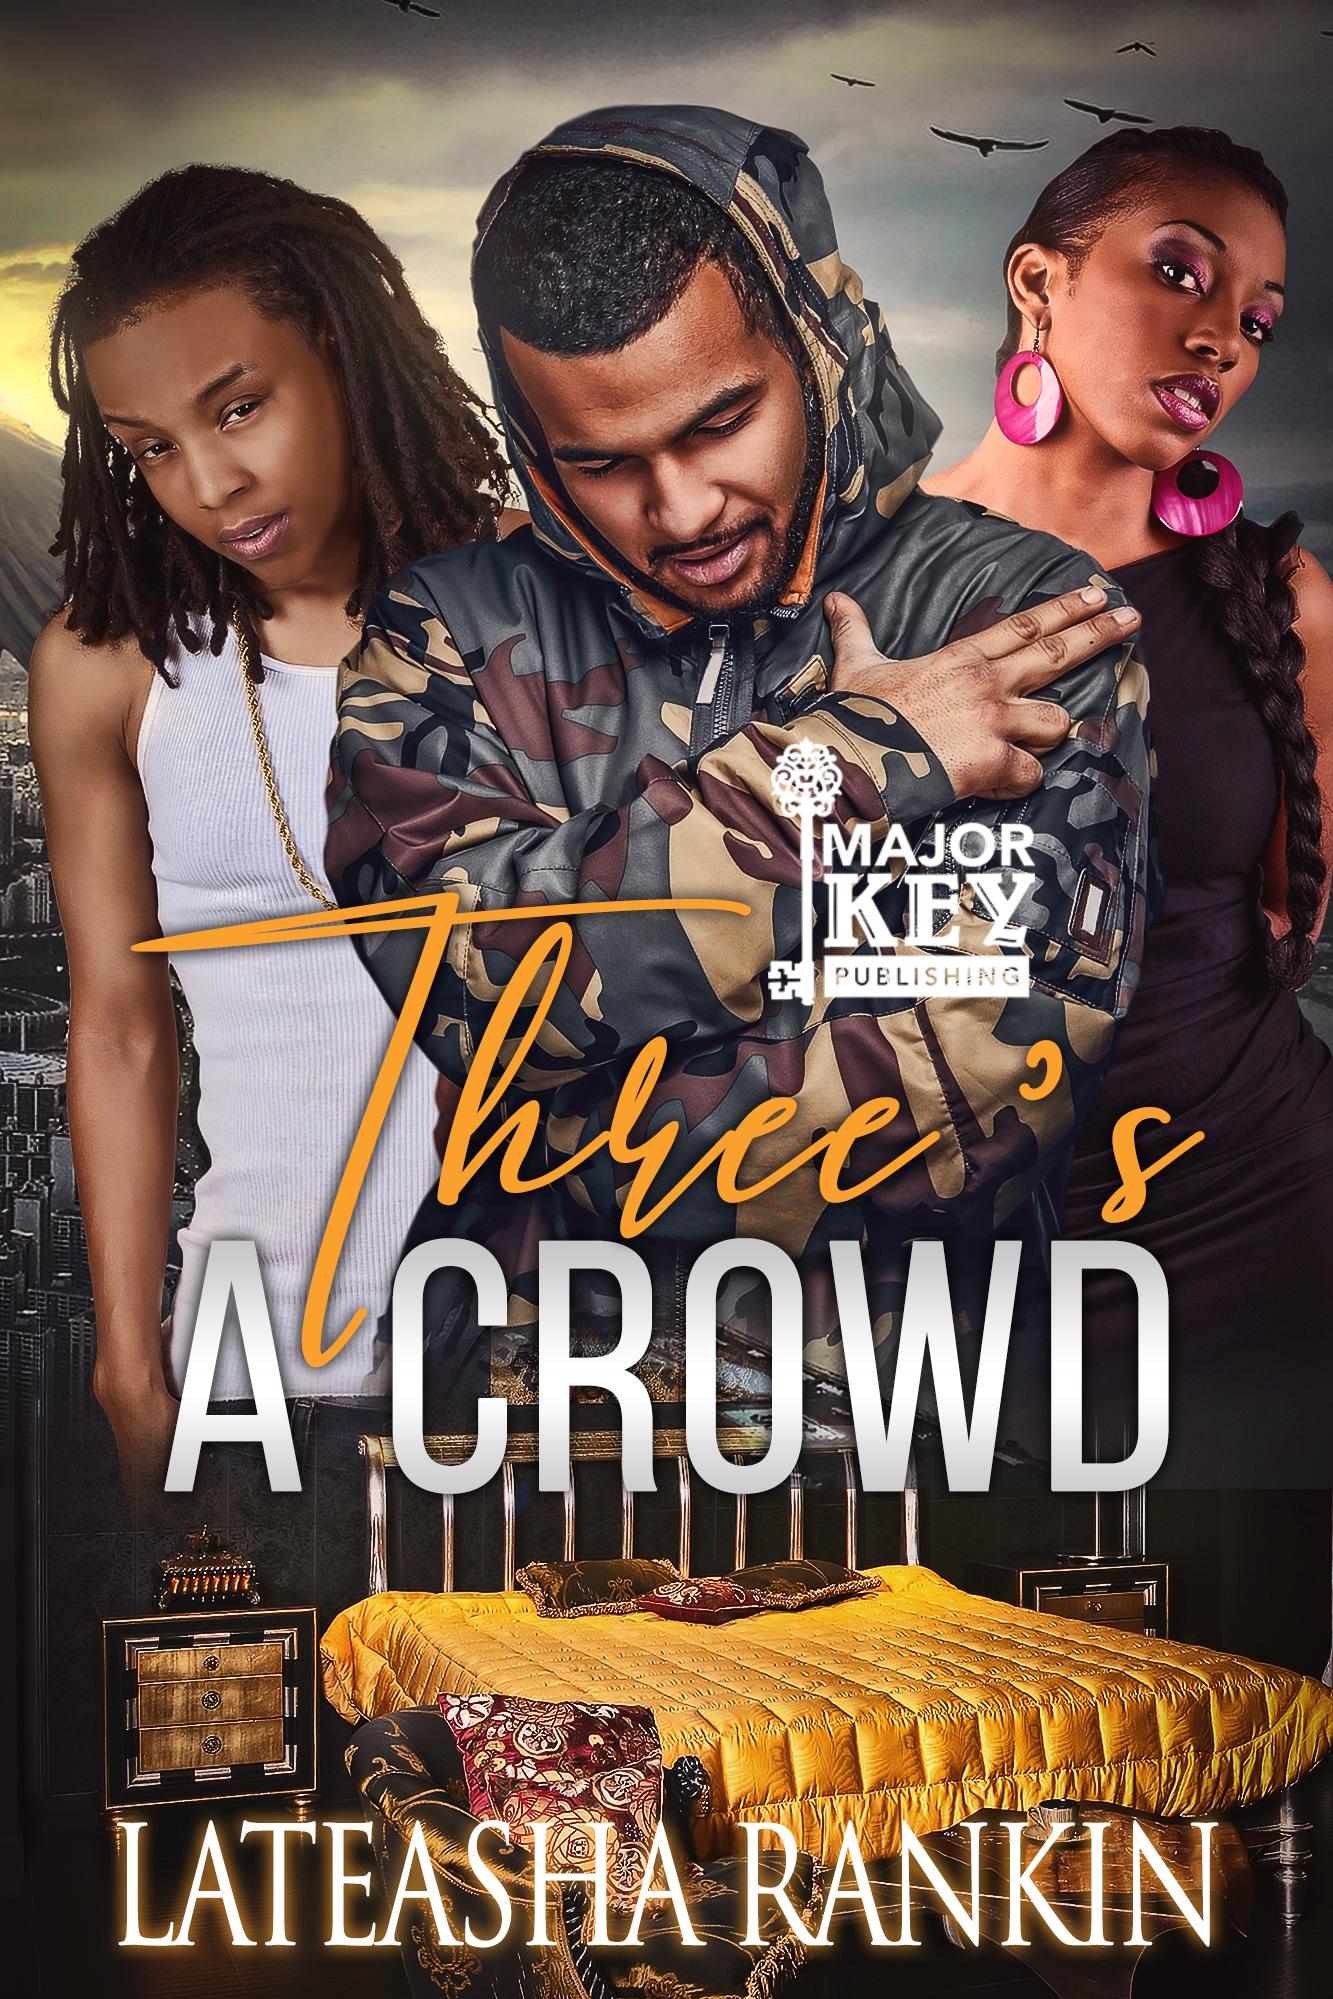 Threes_A_Crowd